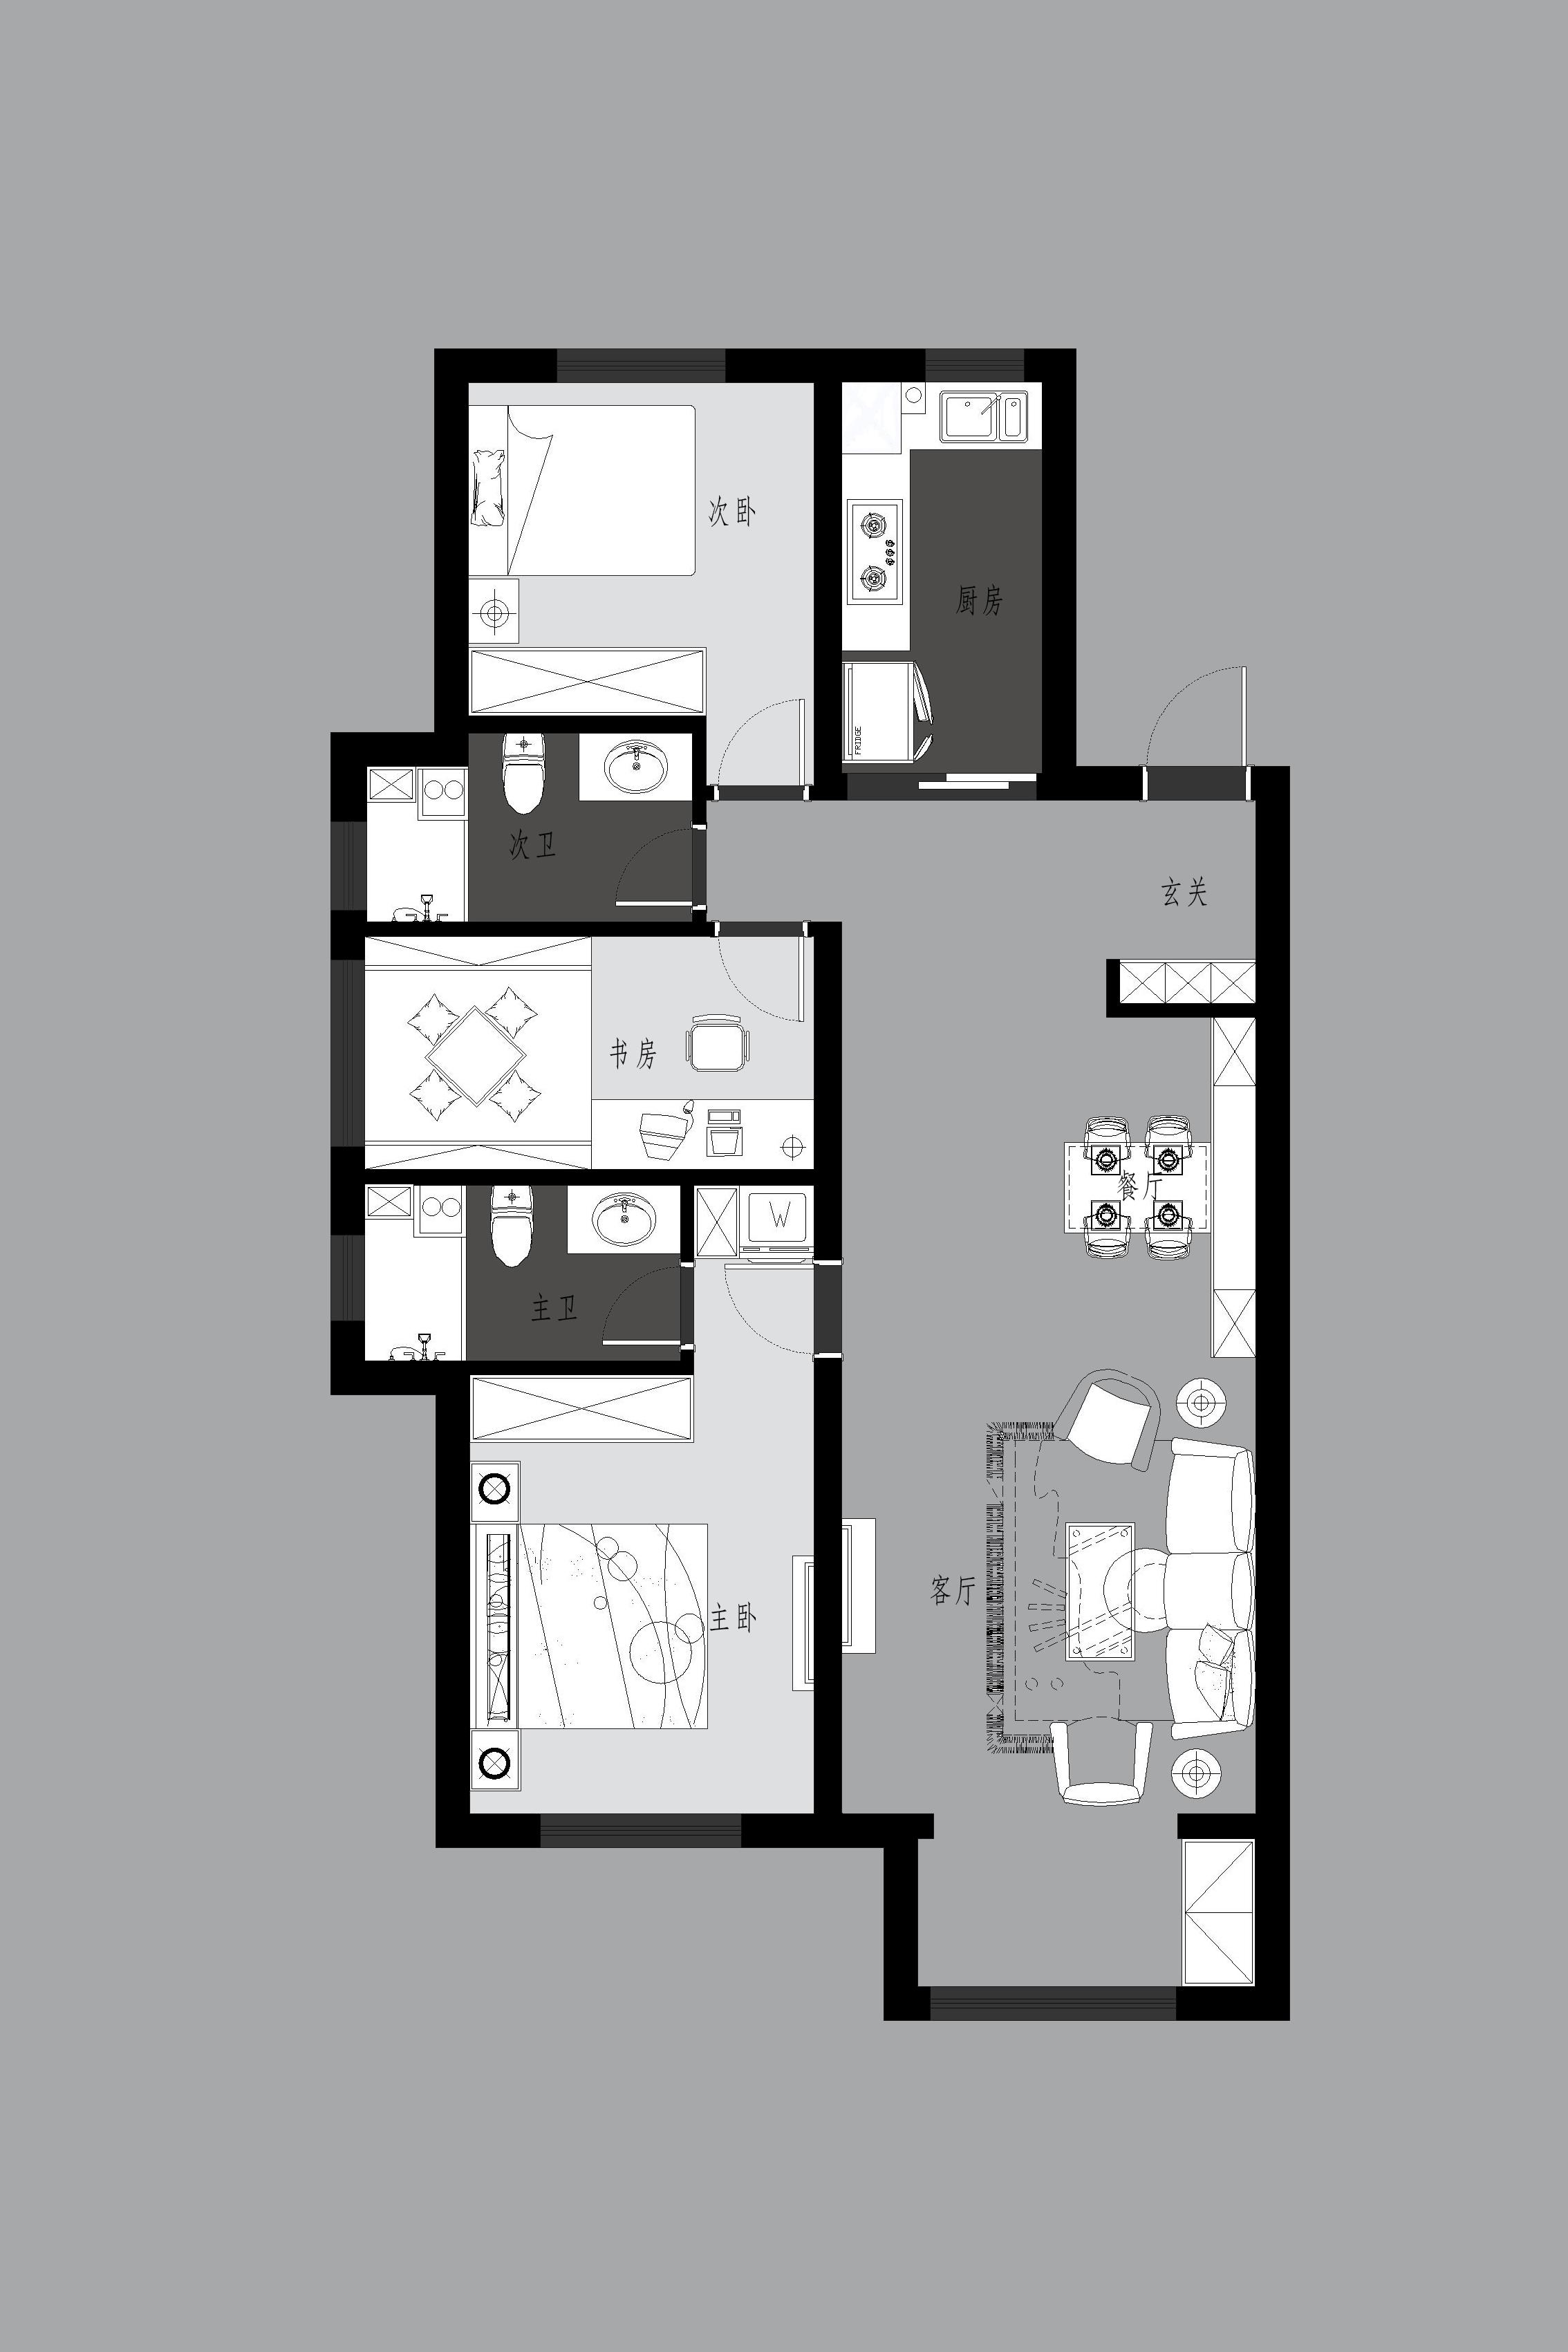 格林玫瑰湾118平现代简约风格案例效果图装修设计理念